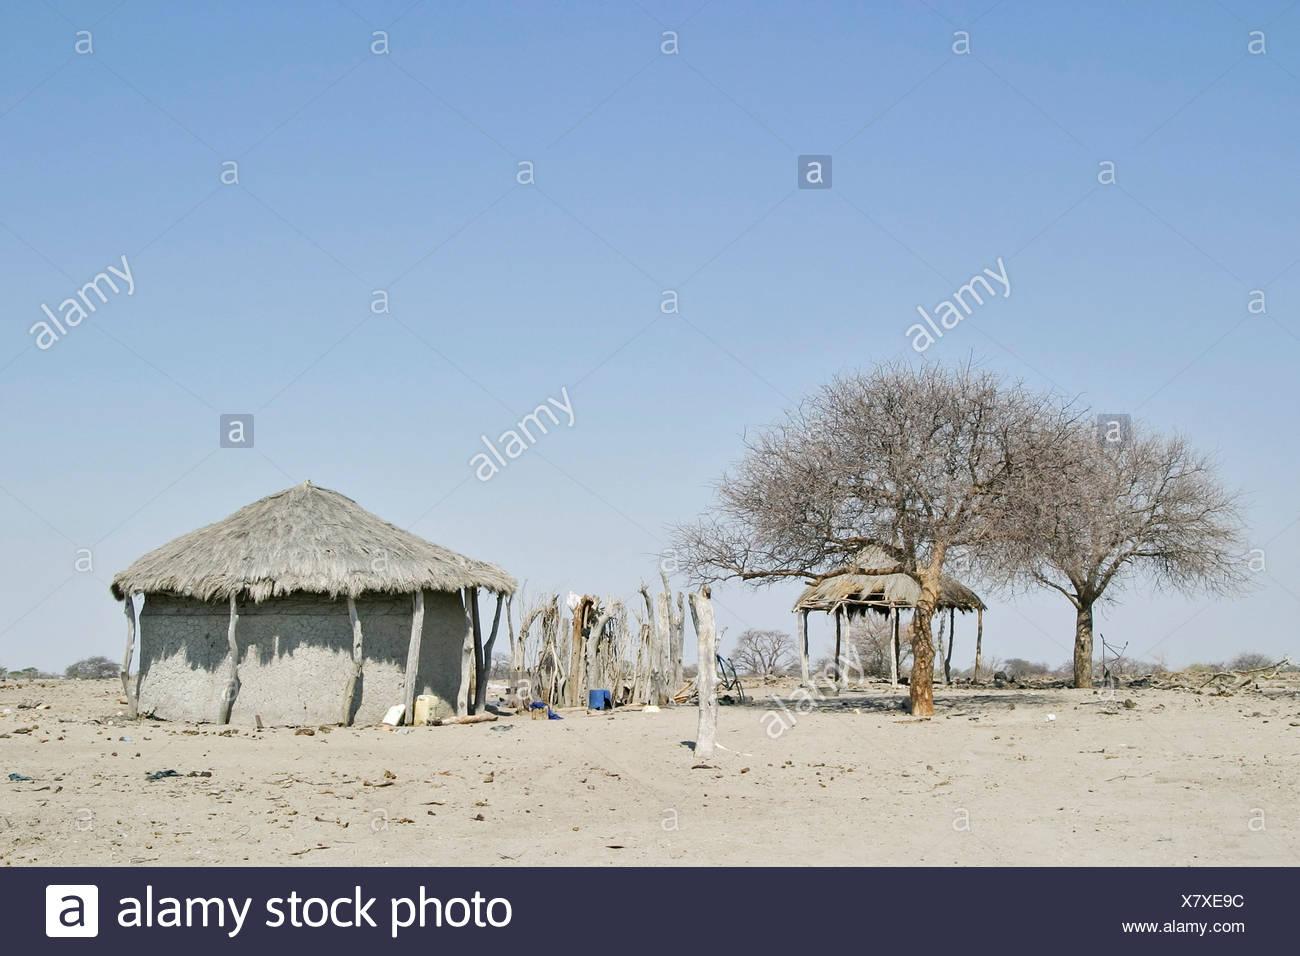 African hut at the Sowa Pan, Makgadikgadi pans, Botswana, Africa Stock Photo